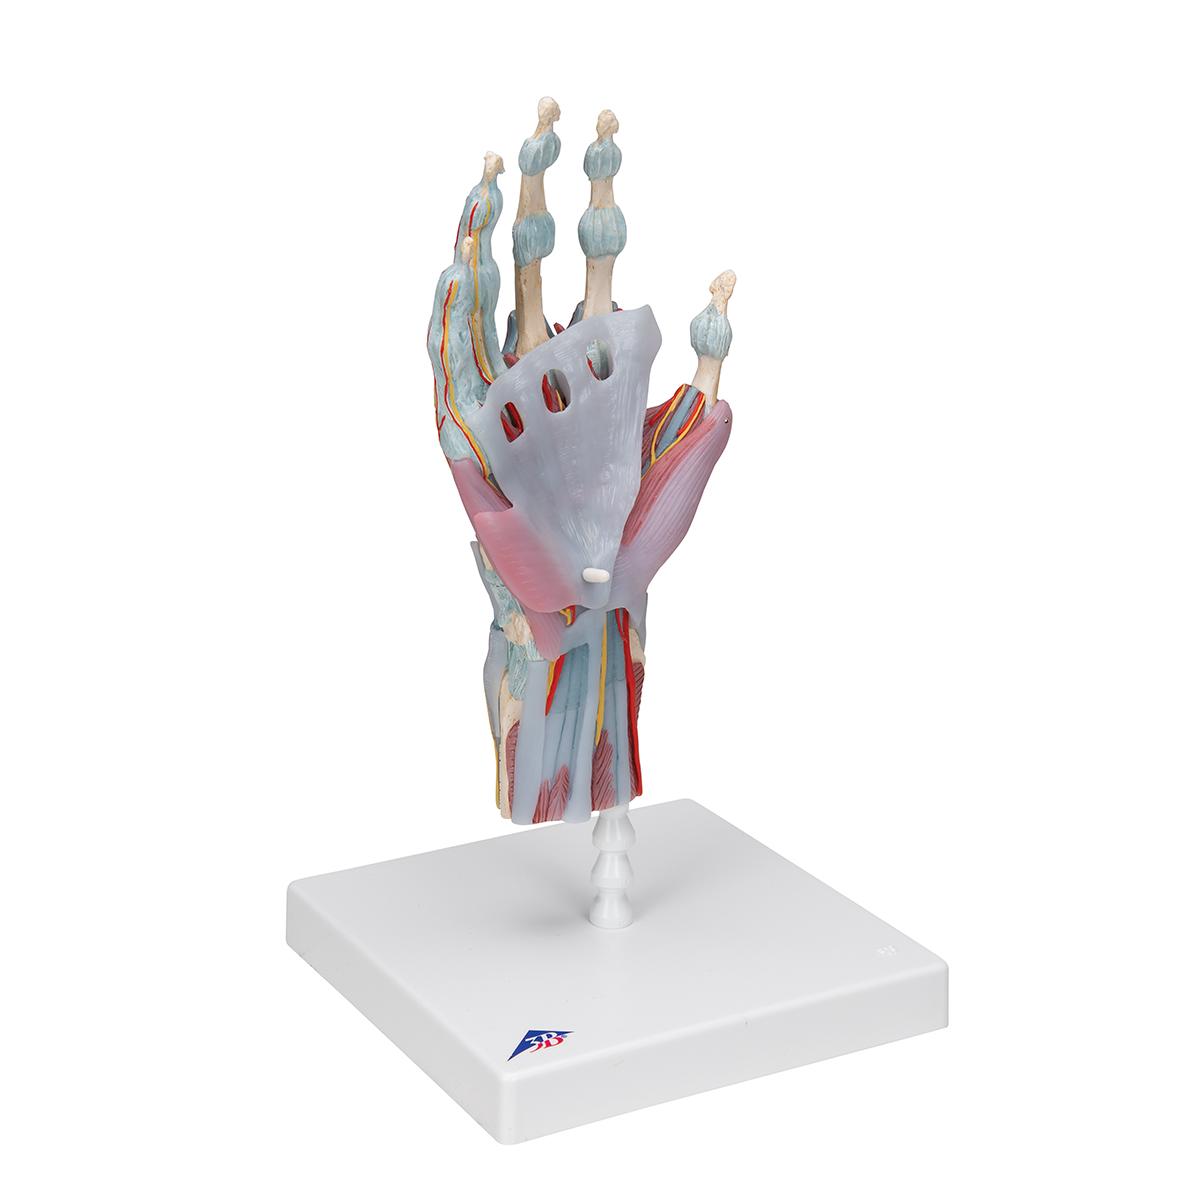 Modell des Handskeletts mit Bändern und Muskeln - 1000358 - M33/1 ...